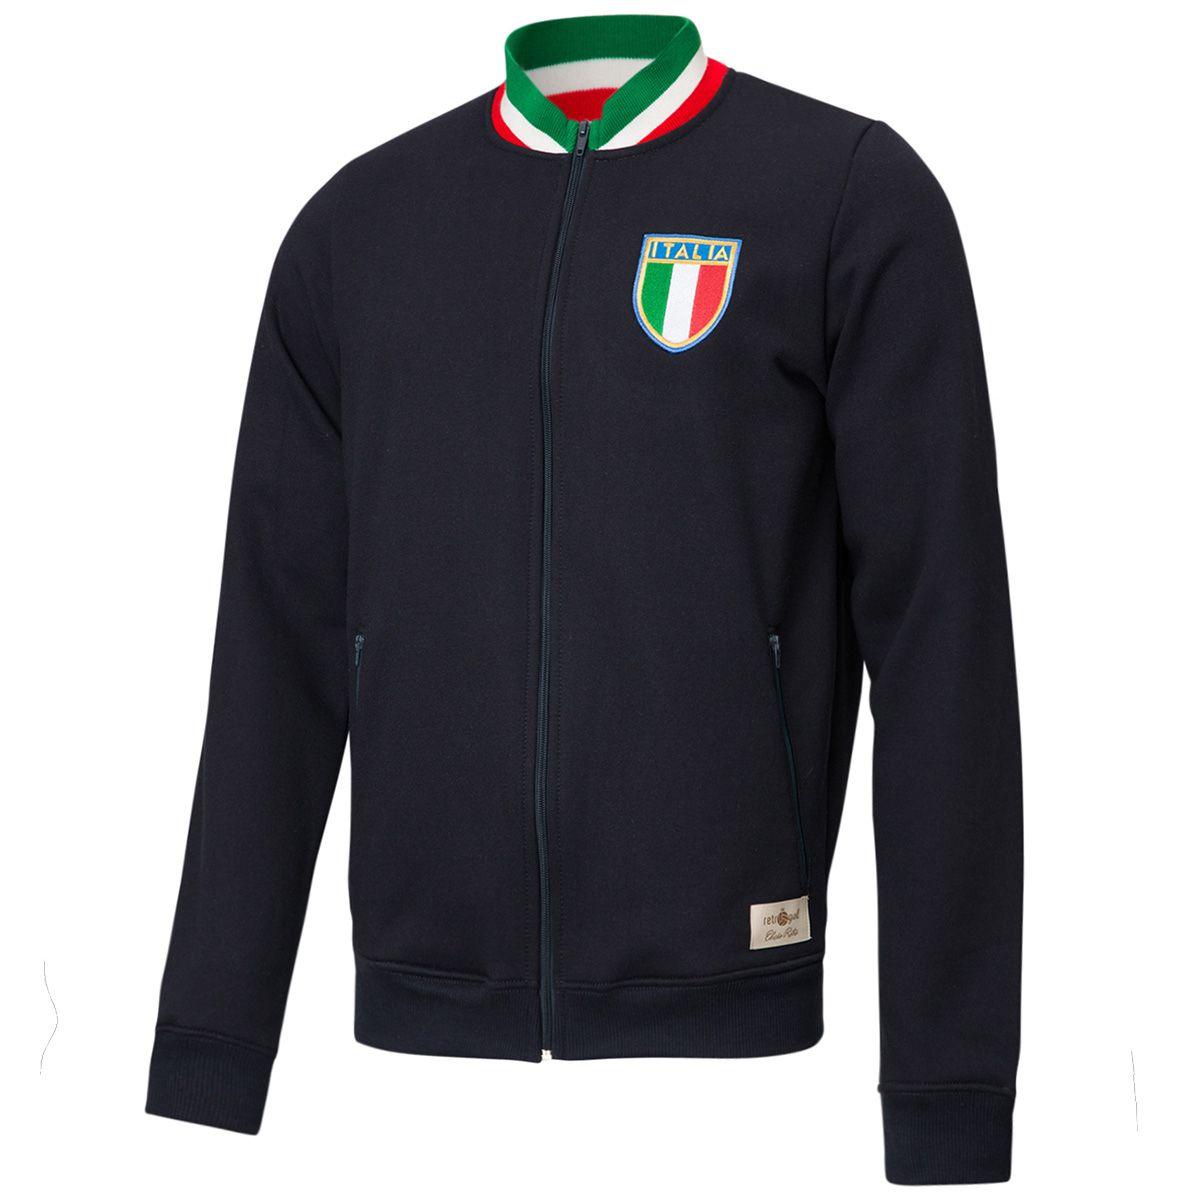 Jaqueta Moletom Retrô Gol Seleção Itália Torcedor